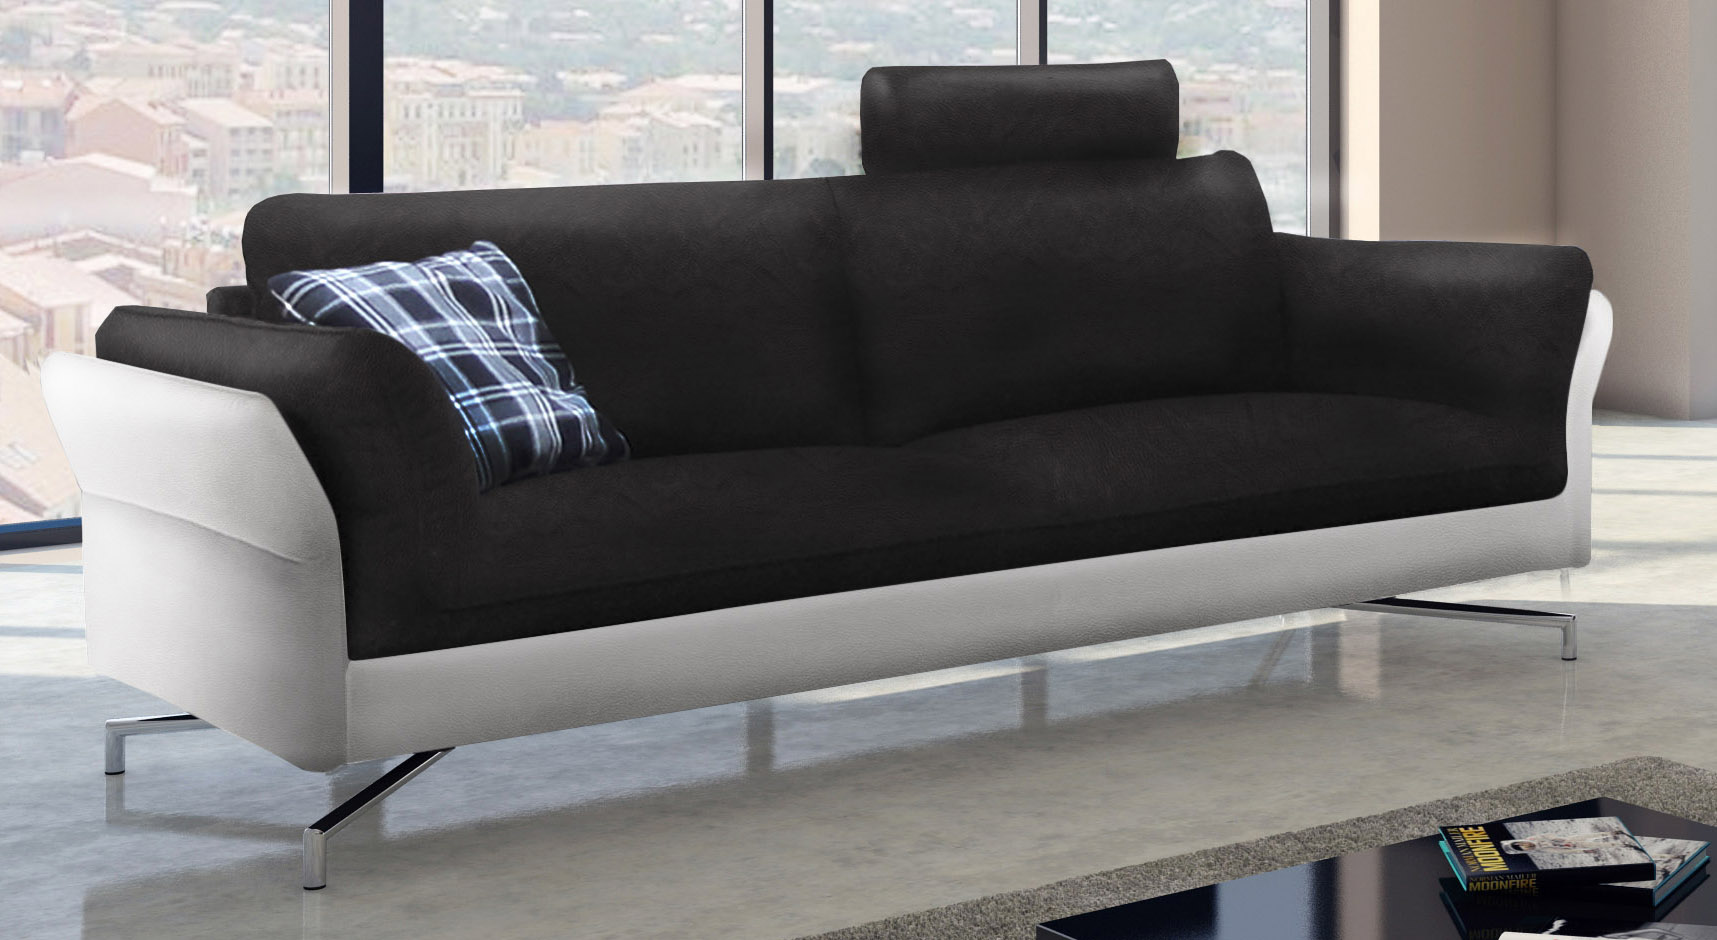 Full Size of Sofa 3 Sitzer Design Garnitur 2 Schwarz Wei Vivano Leder Braun Günstig Kaufen Mit Schlaffunktion Teilig Brühl Esstisch Goodlife Verkaufen Landhausstil Husse Sofa Sofa 3 Sitzer